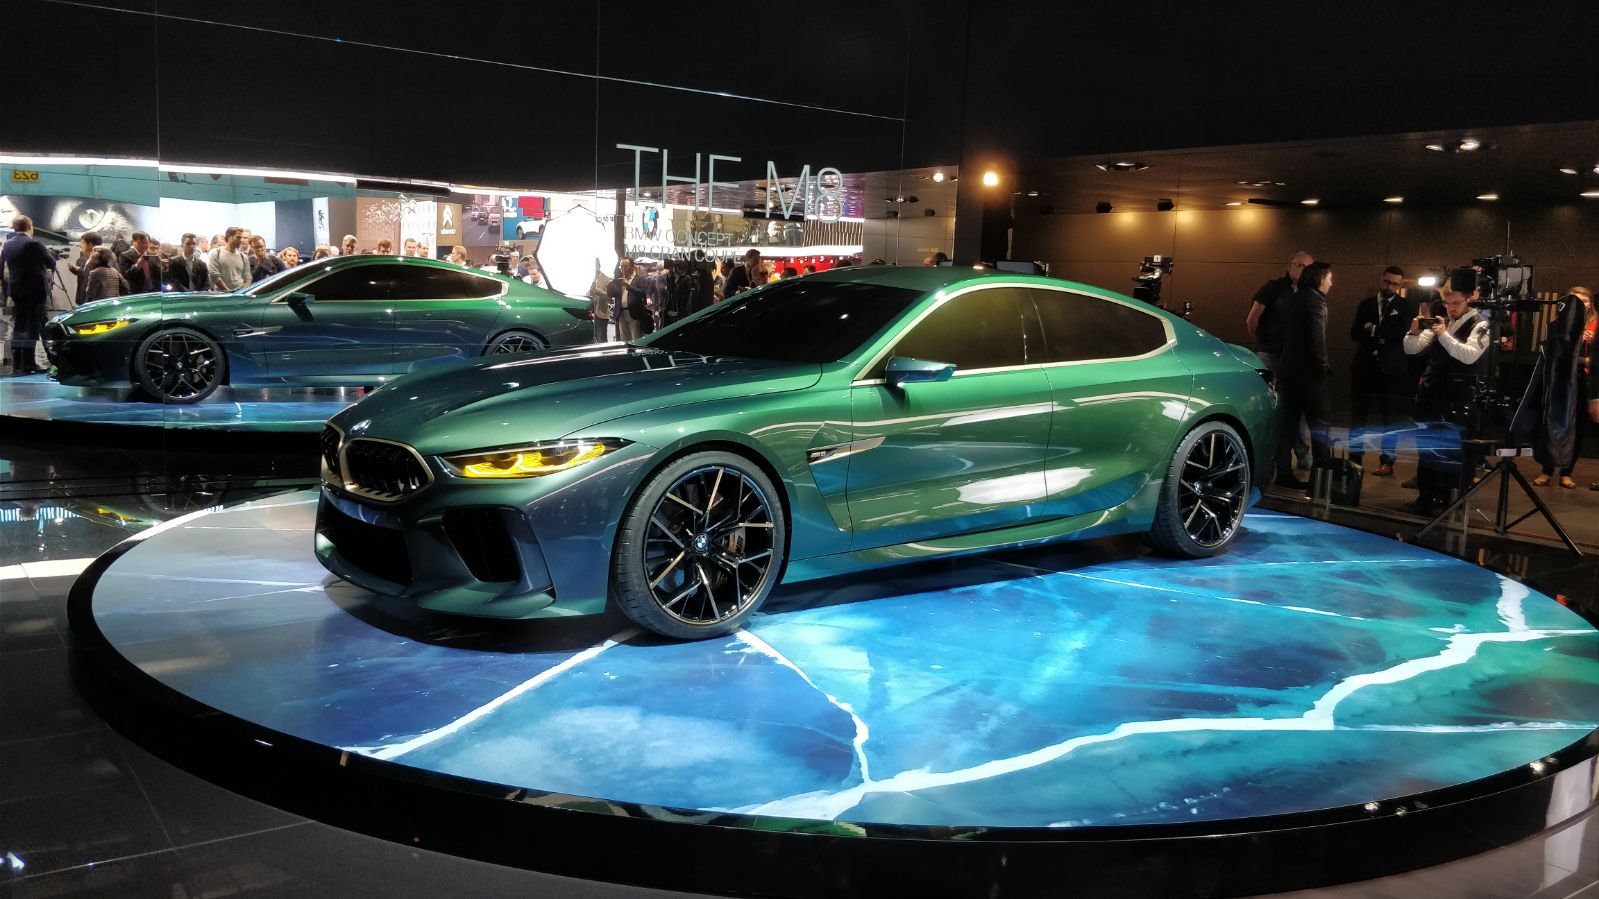 À couper le souffle ! Les dernières nouveautés de chez BMW (Série 3, Série 8, X5 & Z4)